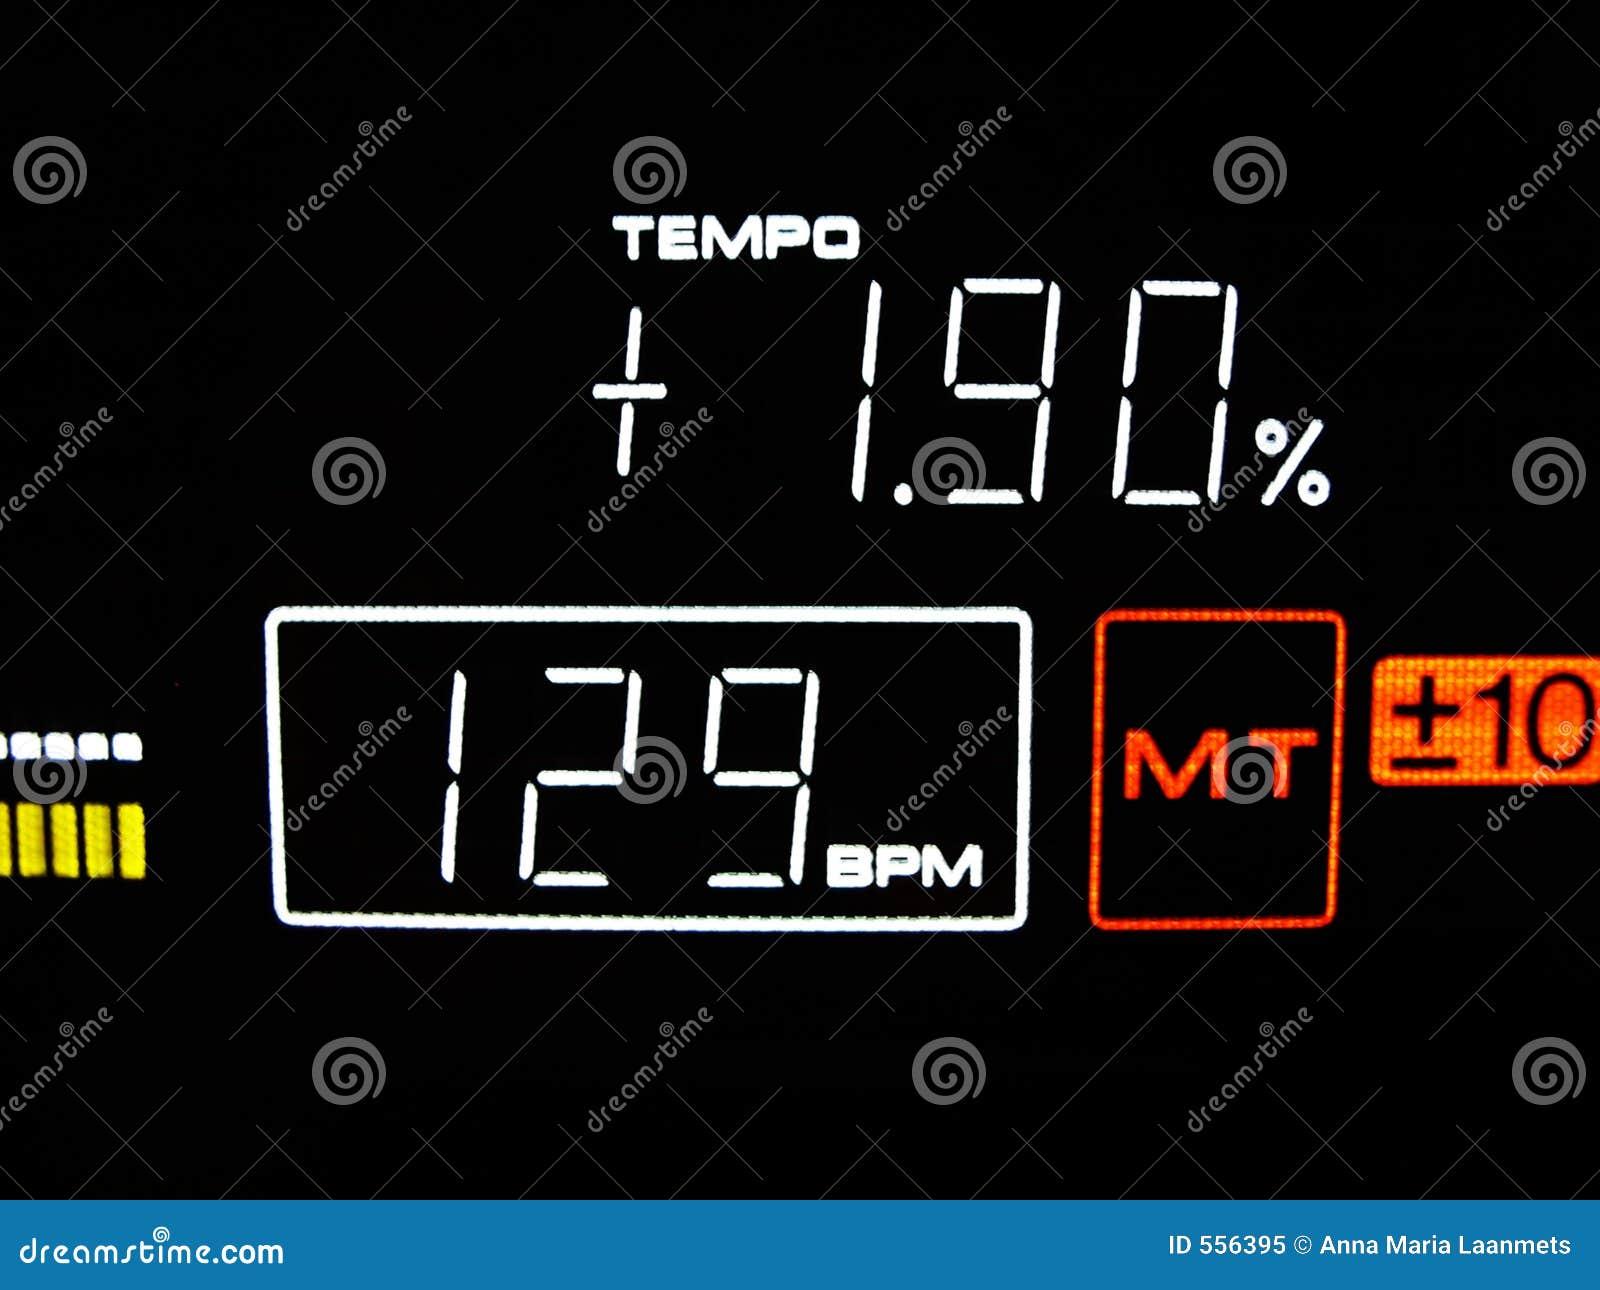 Il tempo è 129 BPM